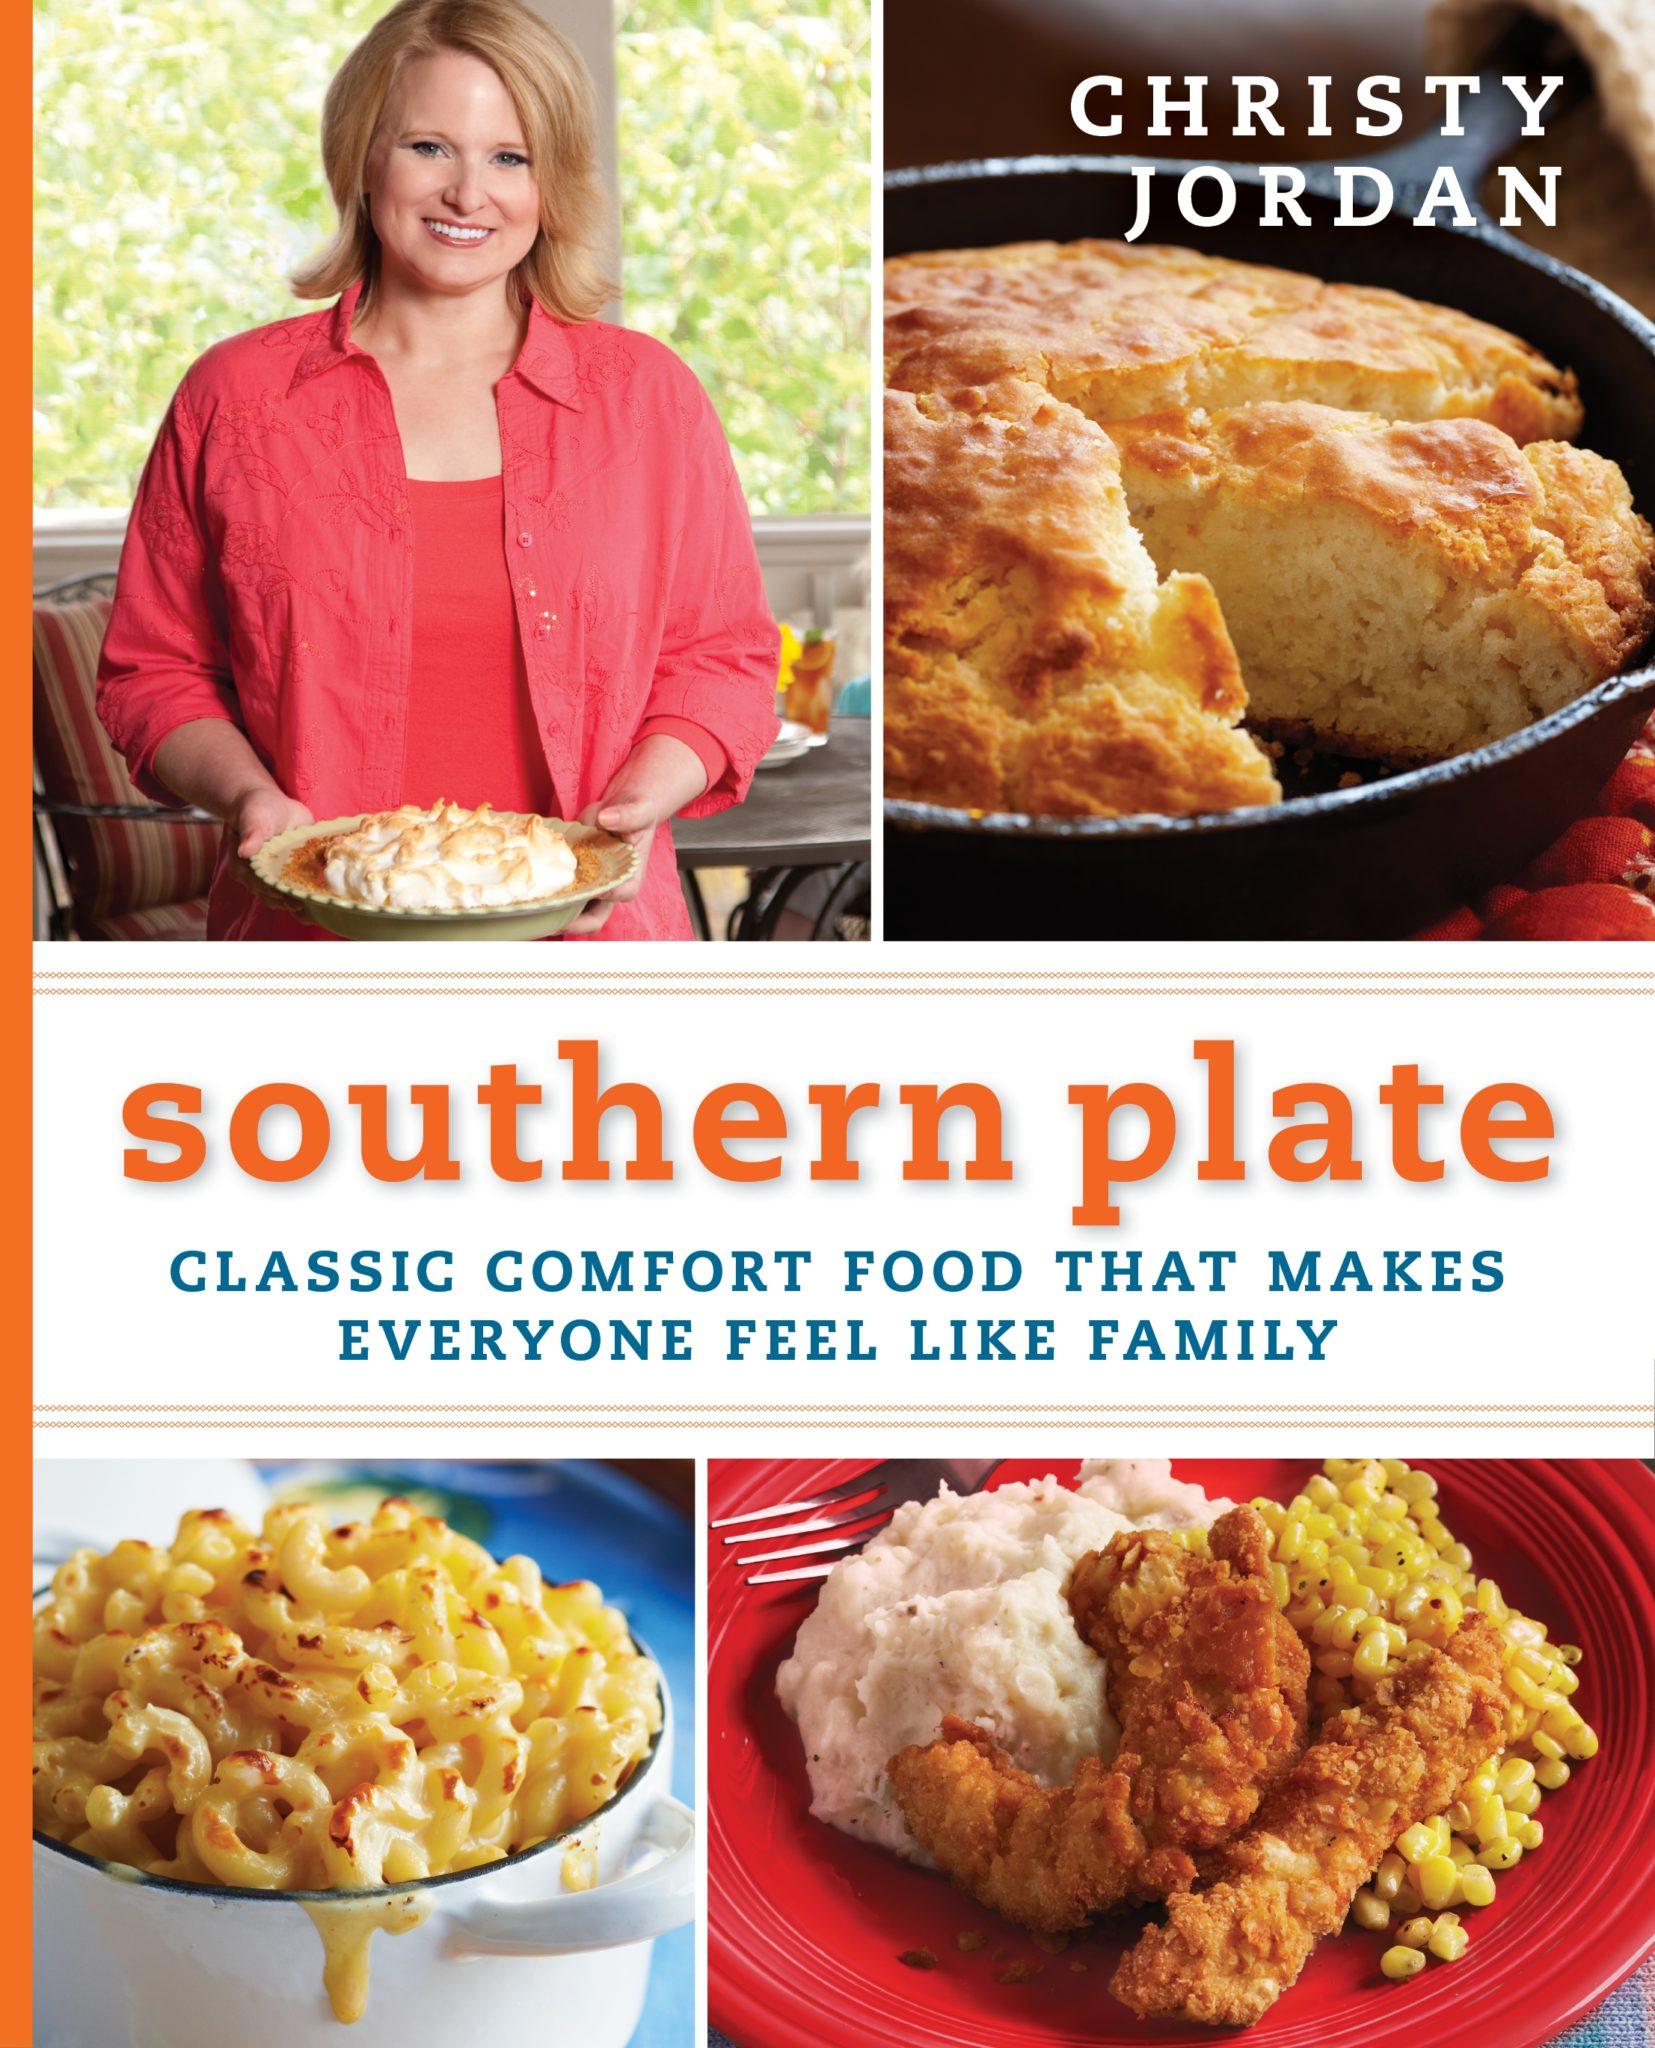 Southern Plate Christy Jordan